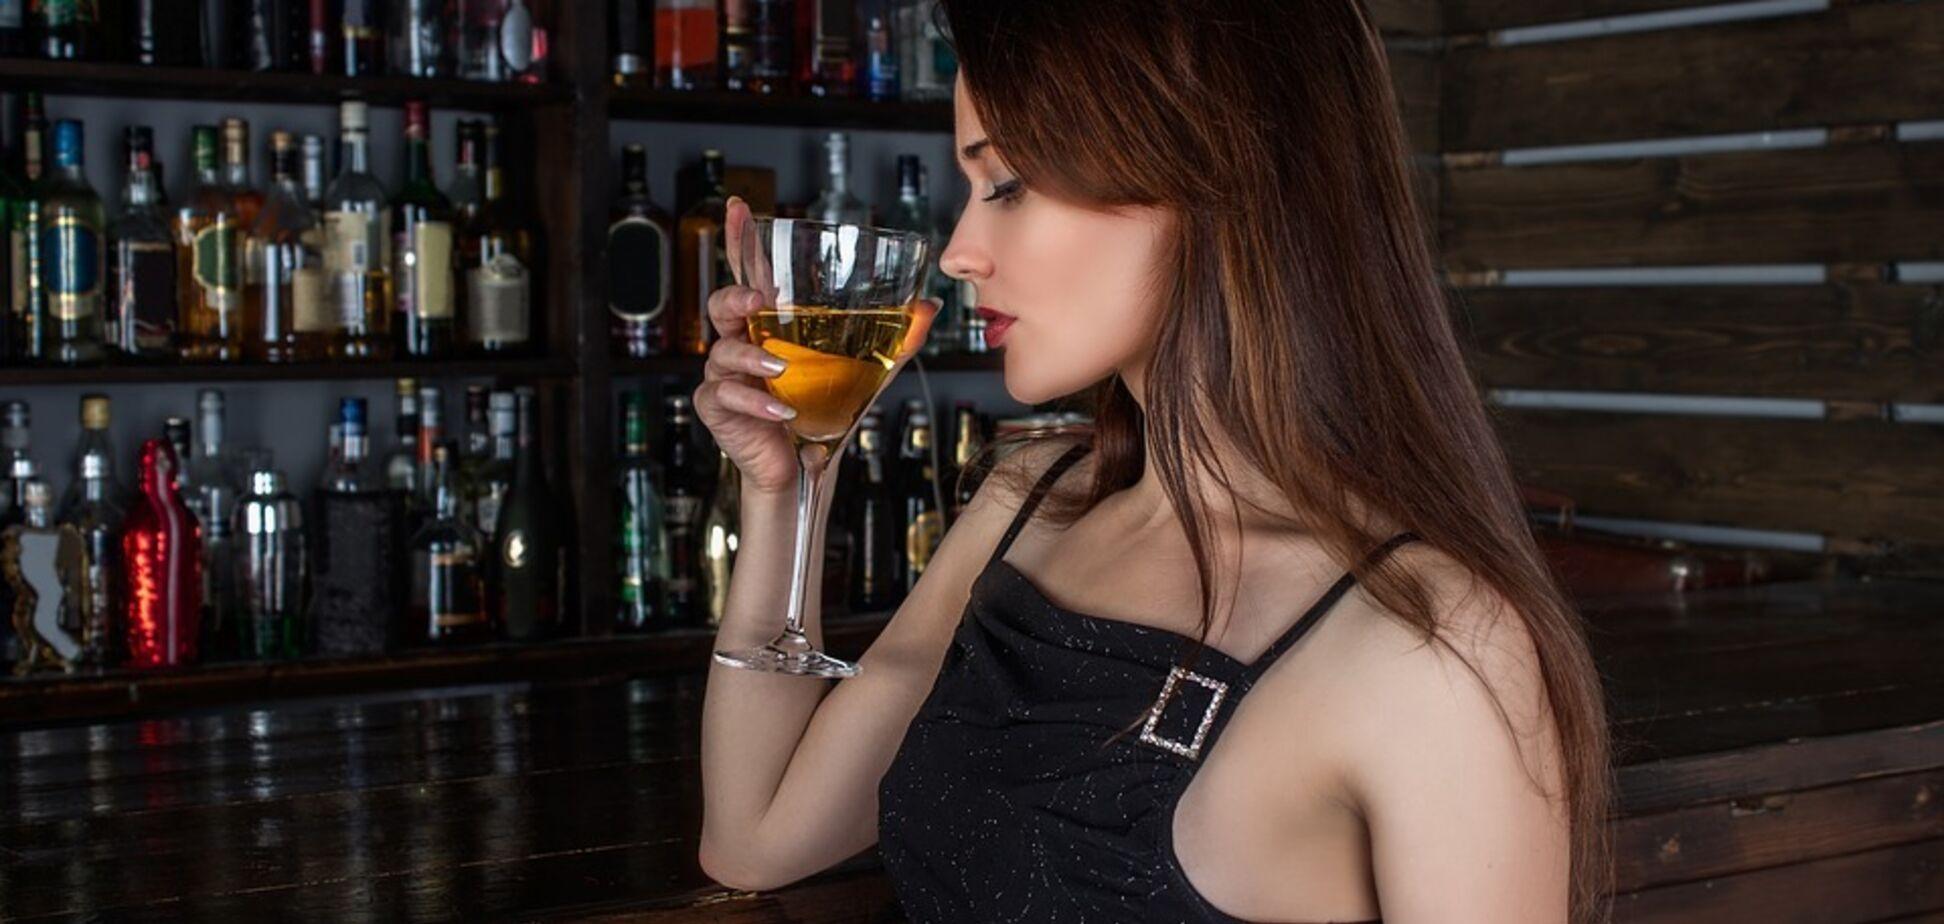 Цены на алкоголь в Украине